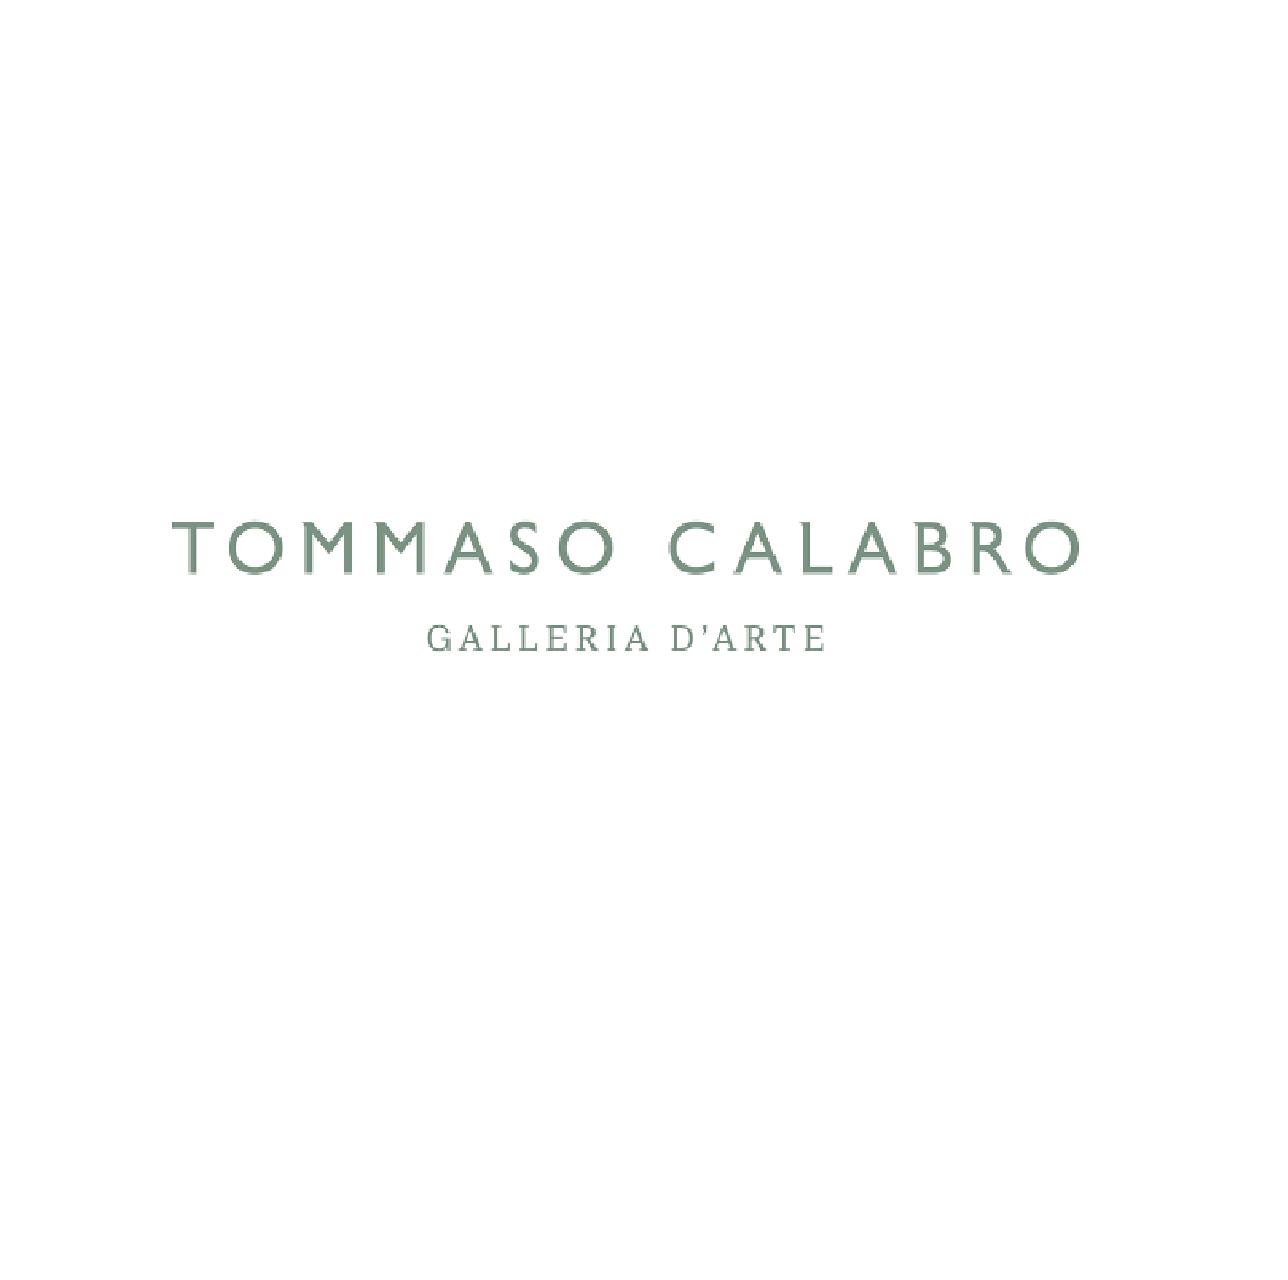 Galleria d'Arte Tommaso Calabro